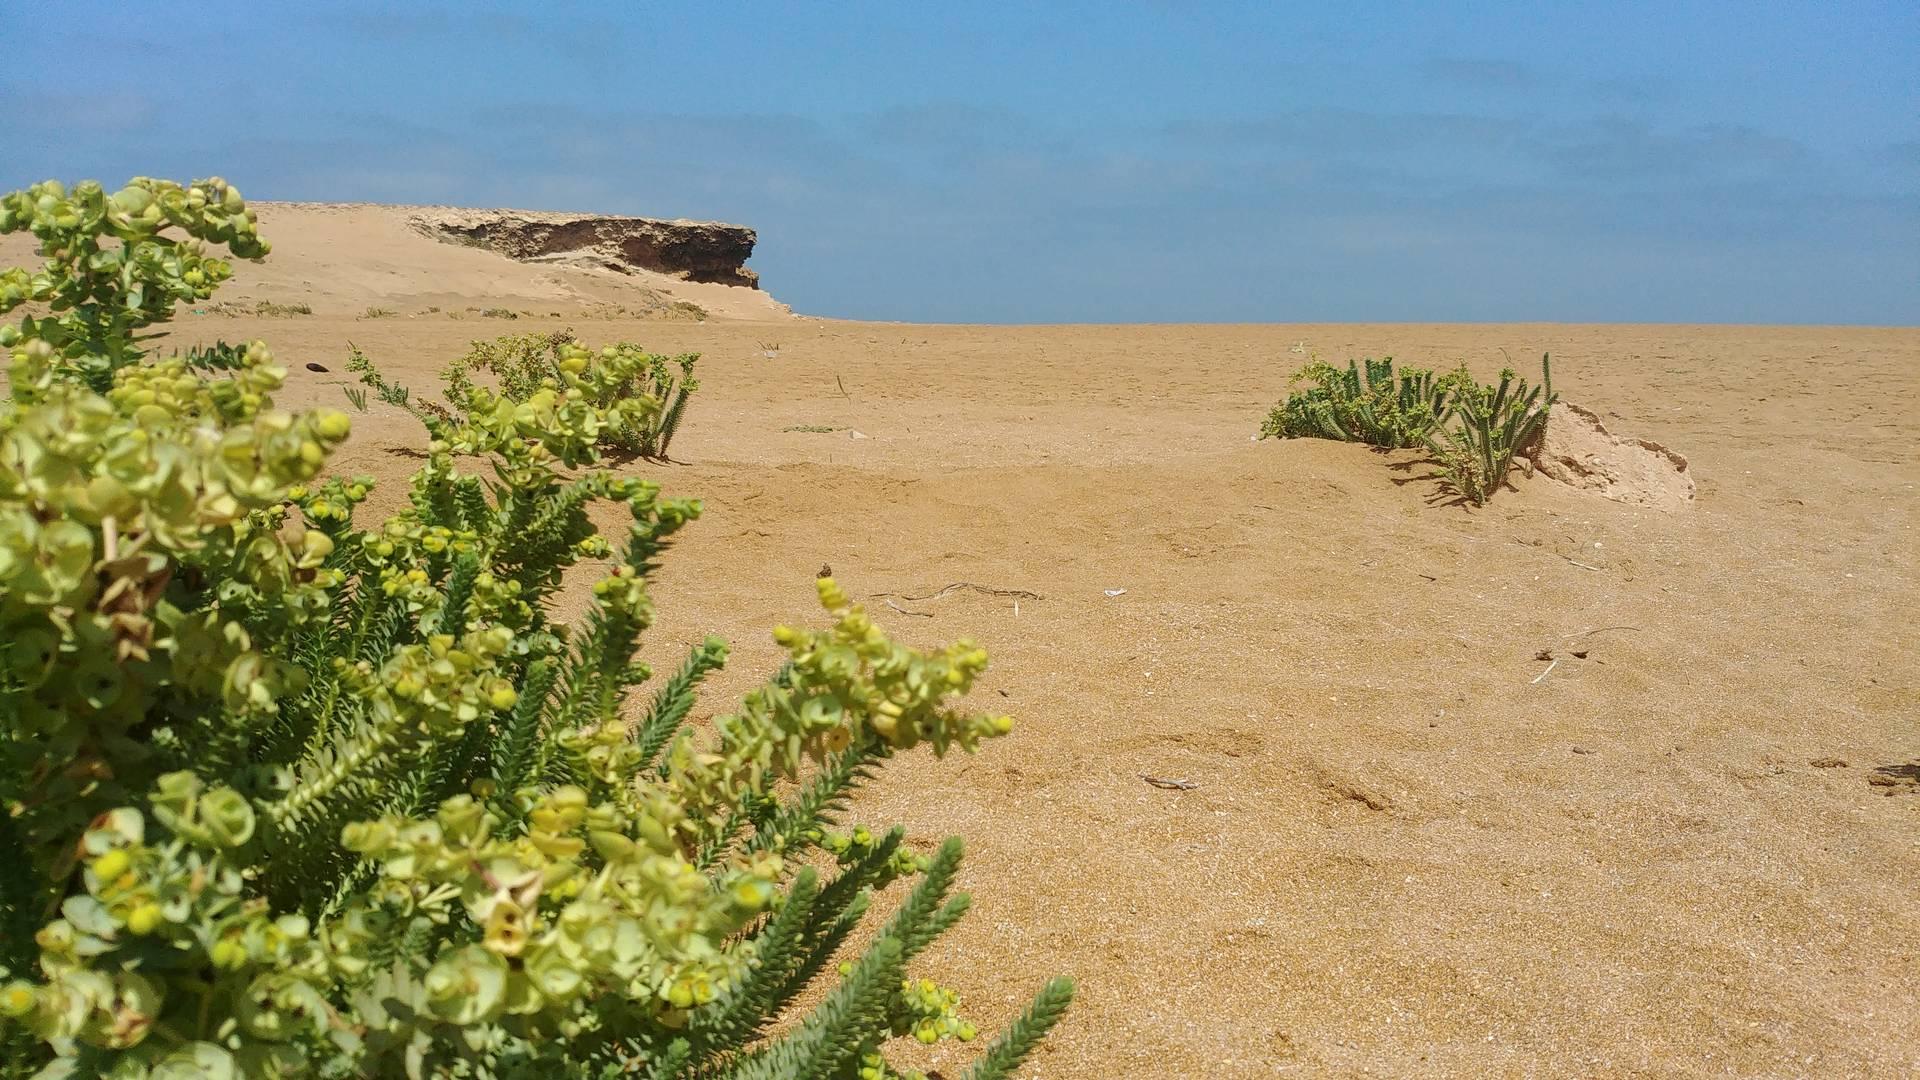 Maroc - Plage sauvage à côté de Oualidia